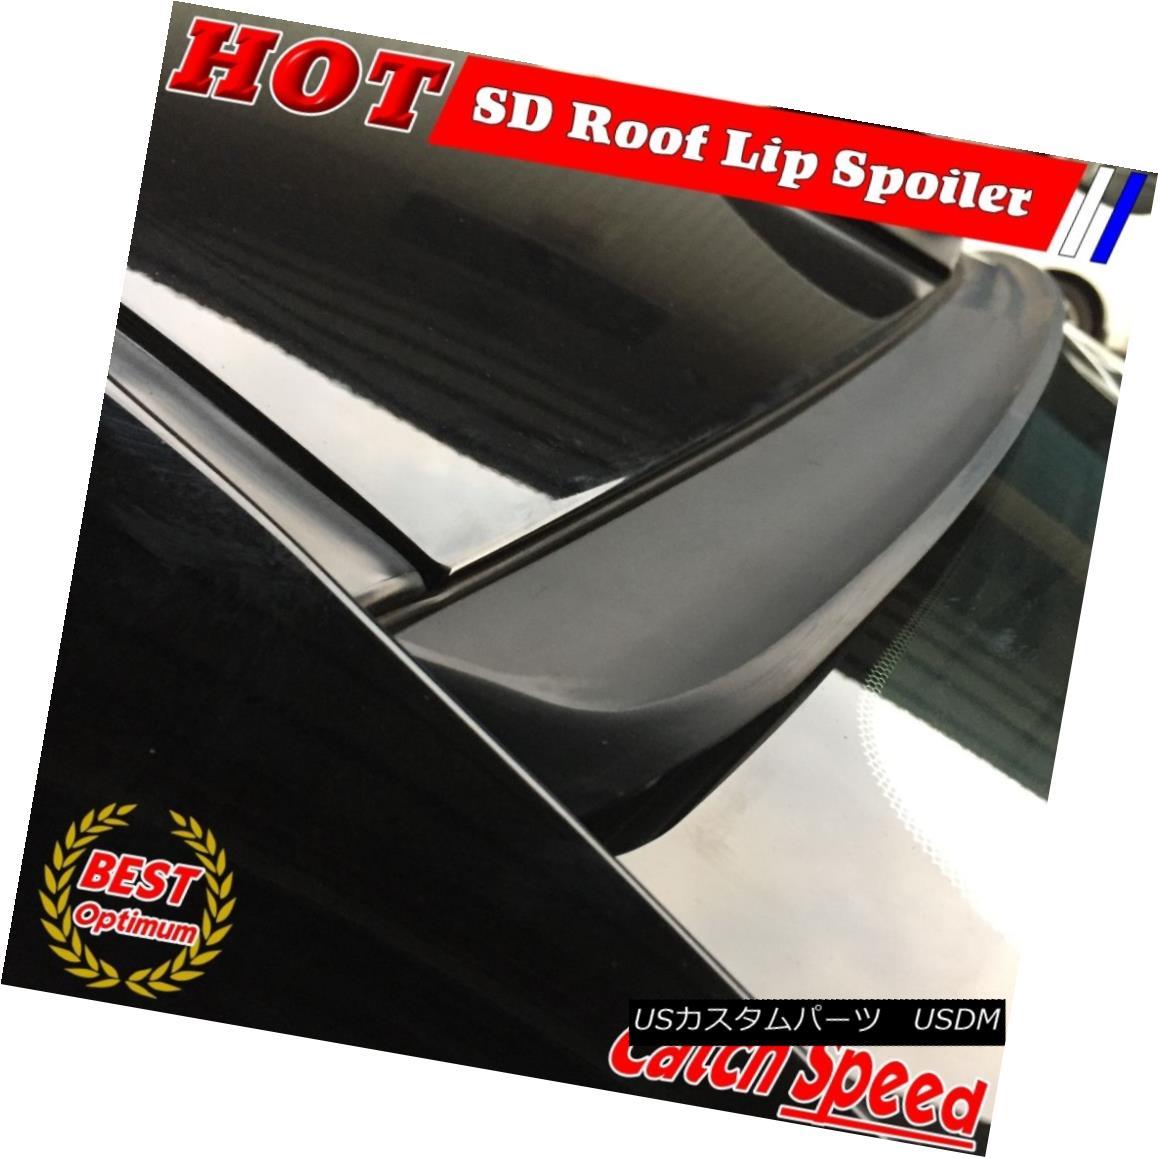 エアロパーツ Flat Black SD Type Rear Window Roof Spoiler Wing For Audi A6 C5 Sedan 1998~2004 アウディA6 C5セダン用フラットブラックSDタイプリアウィンドウルーフスポイラーウイング1998?2004